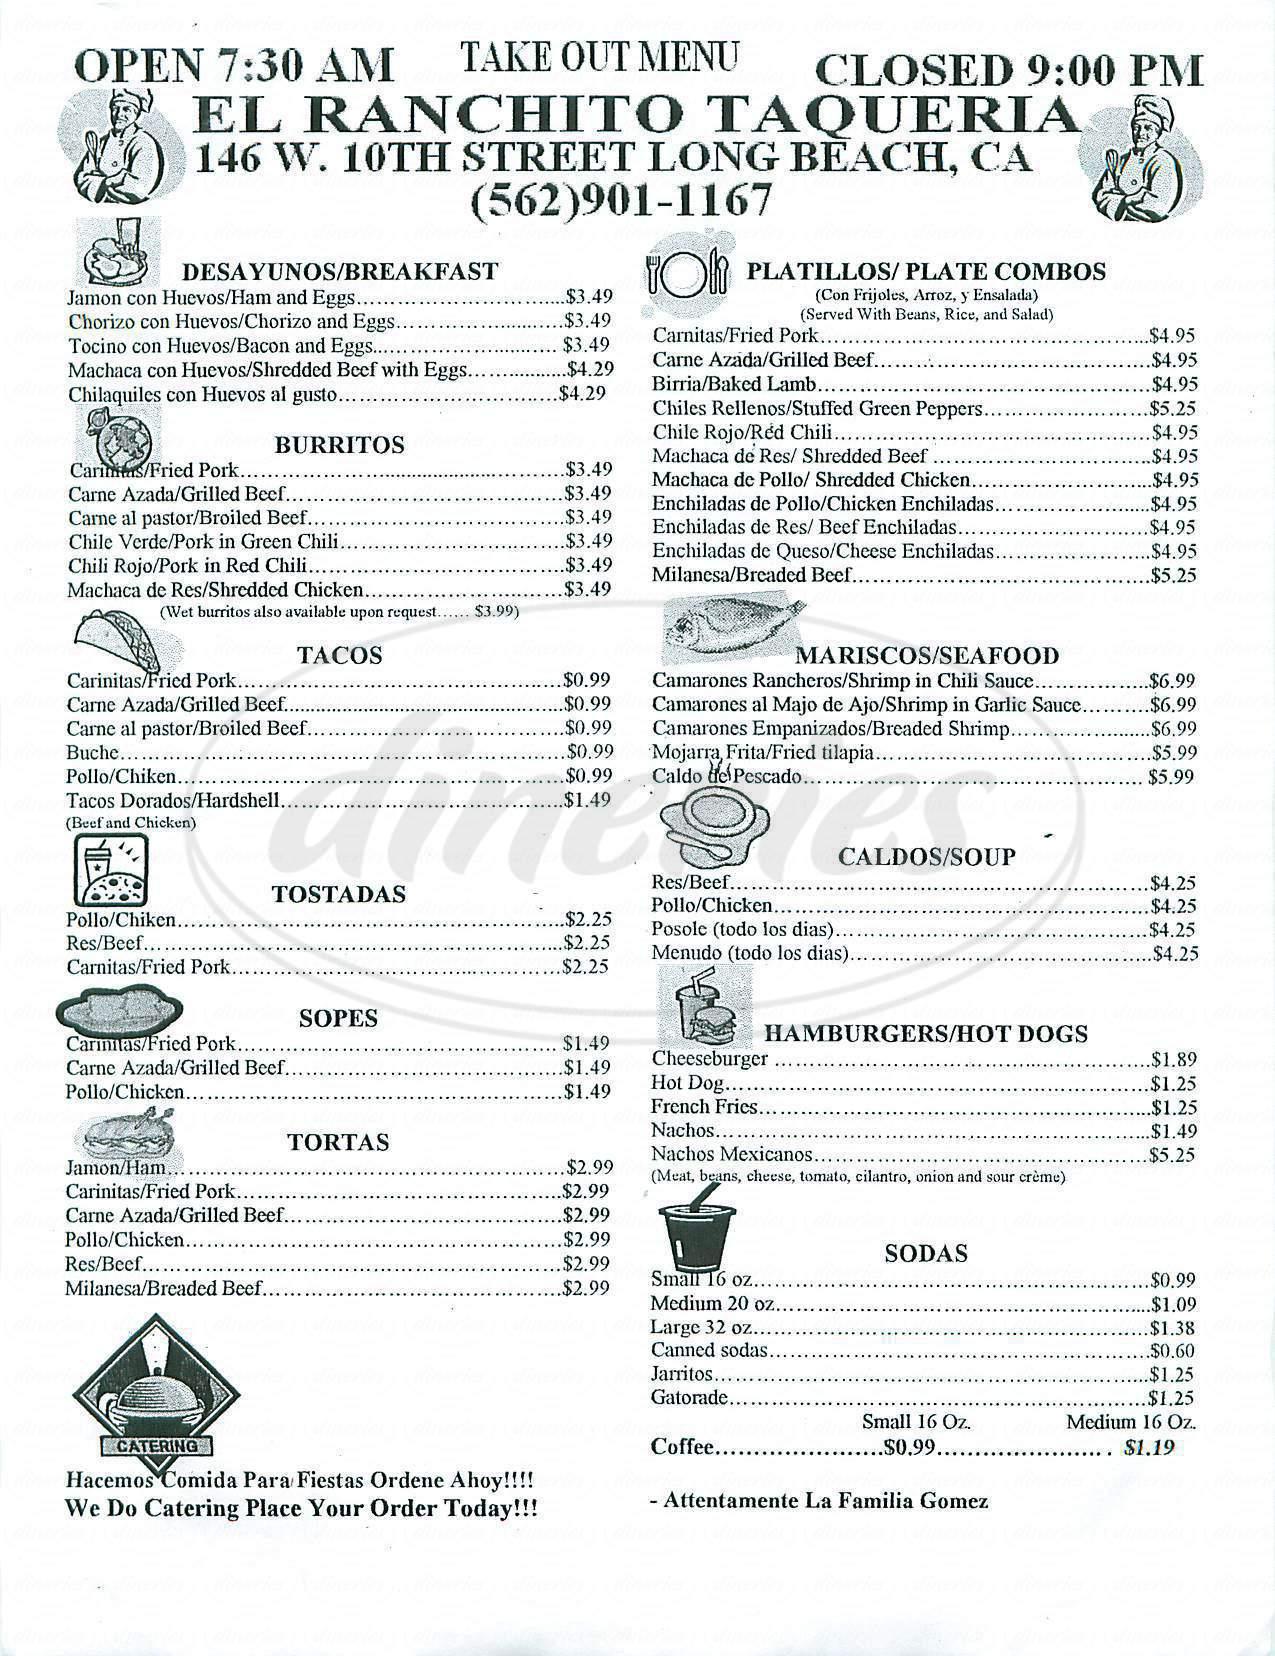 menu for El Ranchito Taqueria